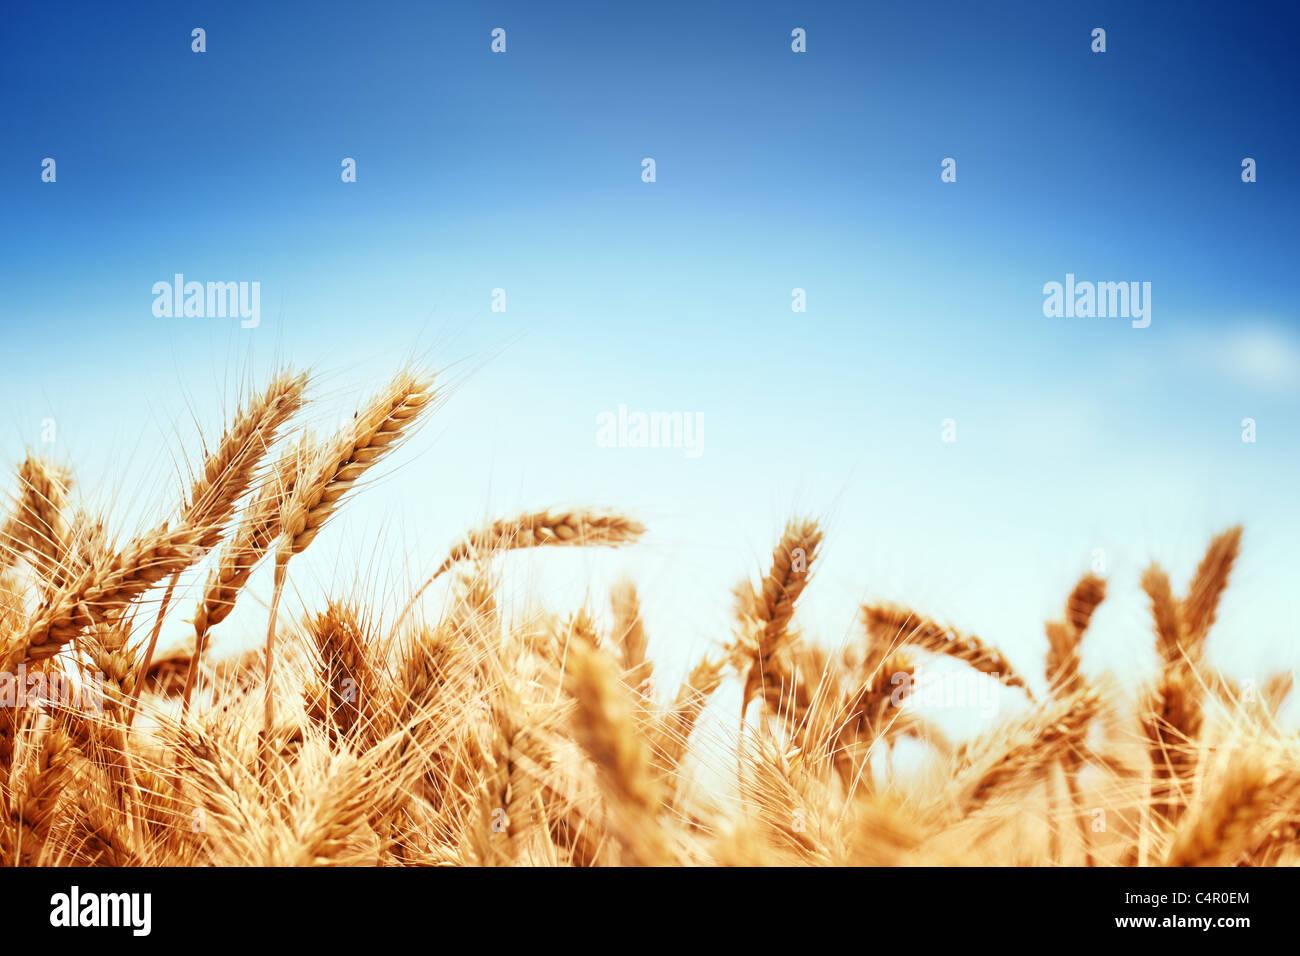 Campo de trigo contra un cielo azul Imagen De Stock